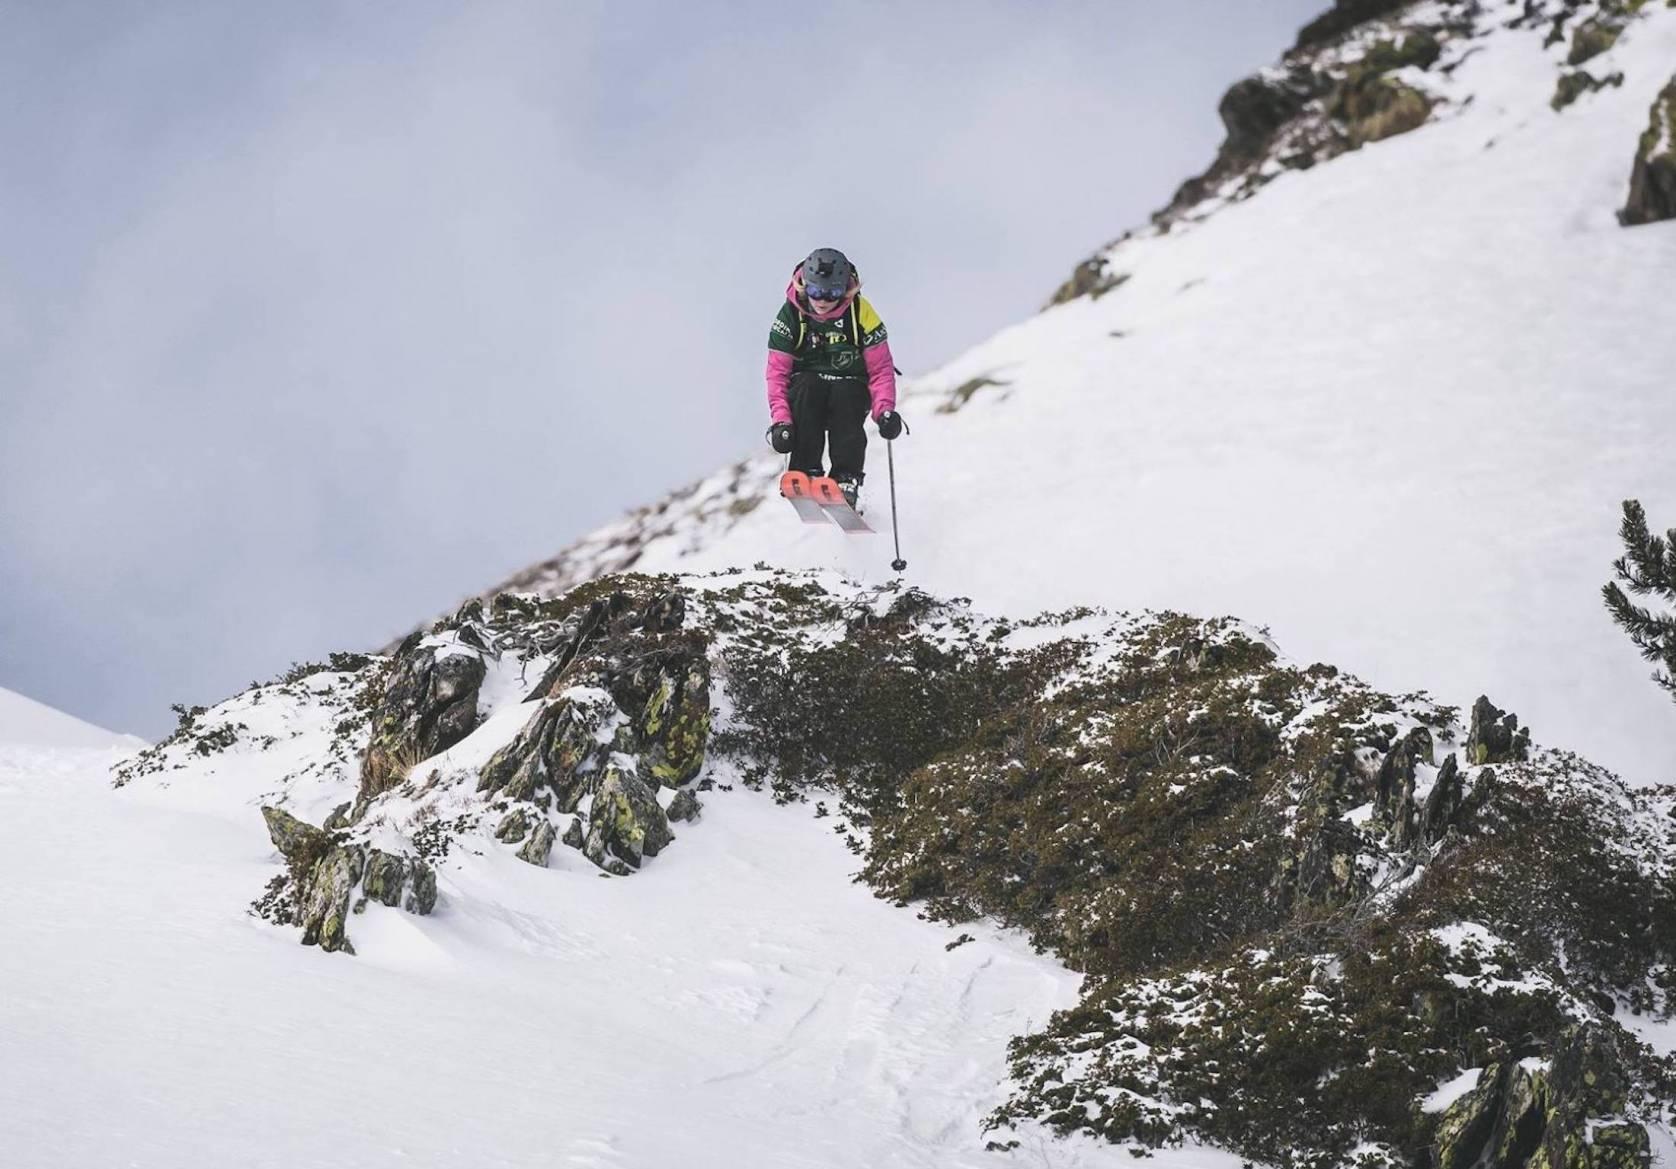 Jacqueline pollard skier